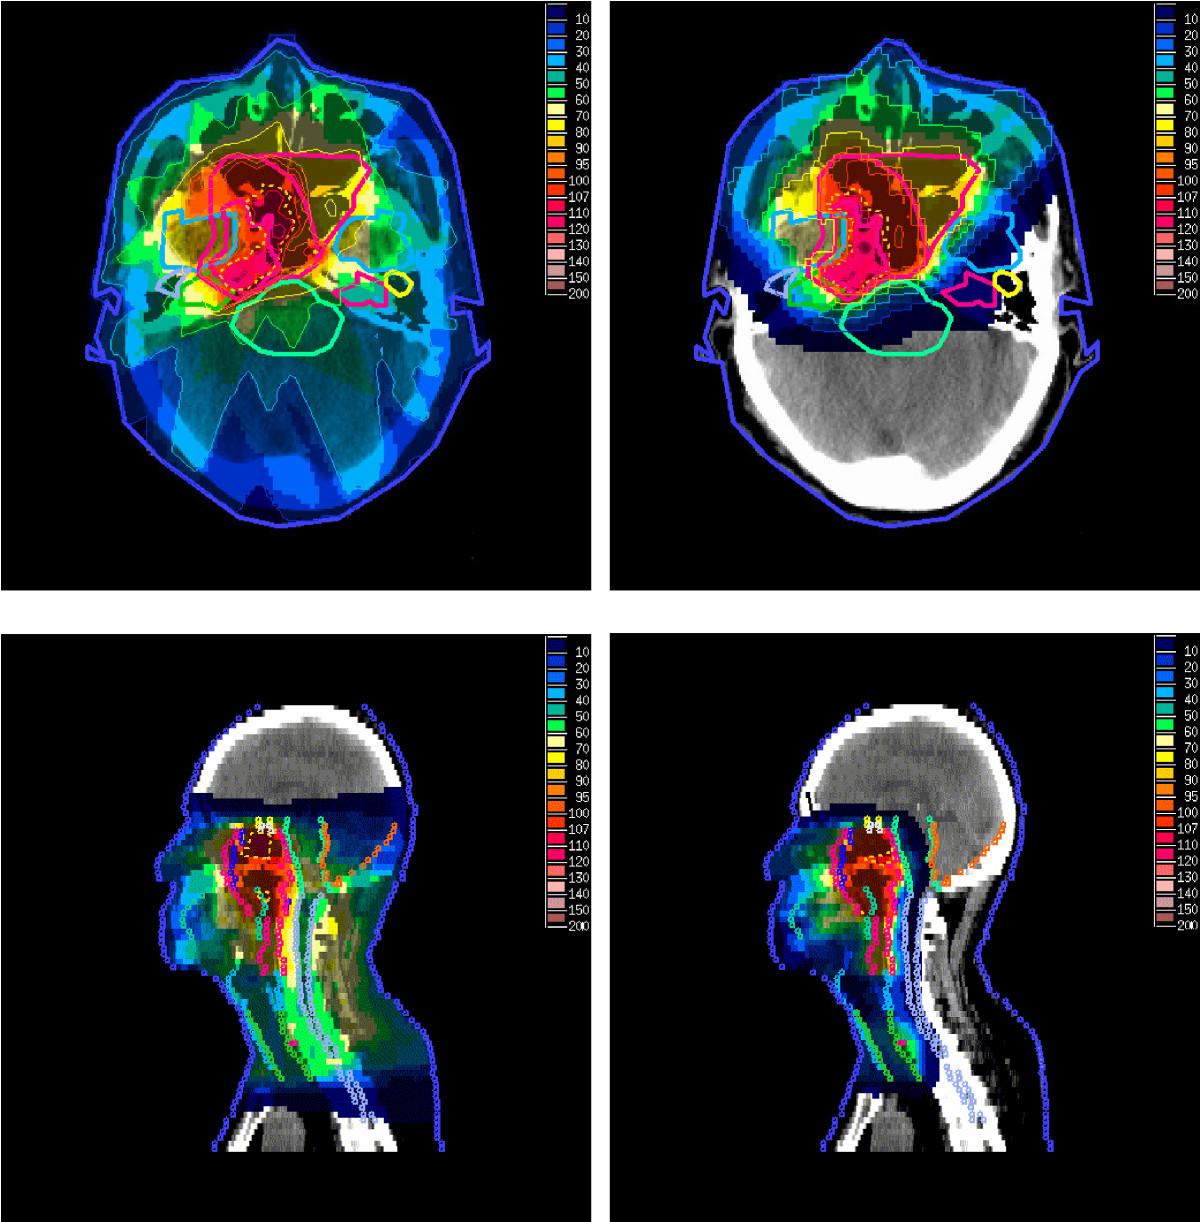 """Srovnání dávek radiace při léčbě klasickou (vlevo) a protonovou (vpravo) terapií - ilustrační obrázek v článku """"Protonová terapie"""" na české Wikipedii (autor: Taheri-Kadkhoda et al., licence CC BY 2.0)"""